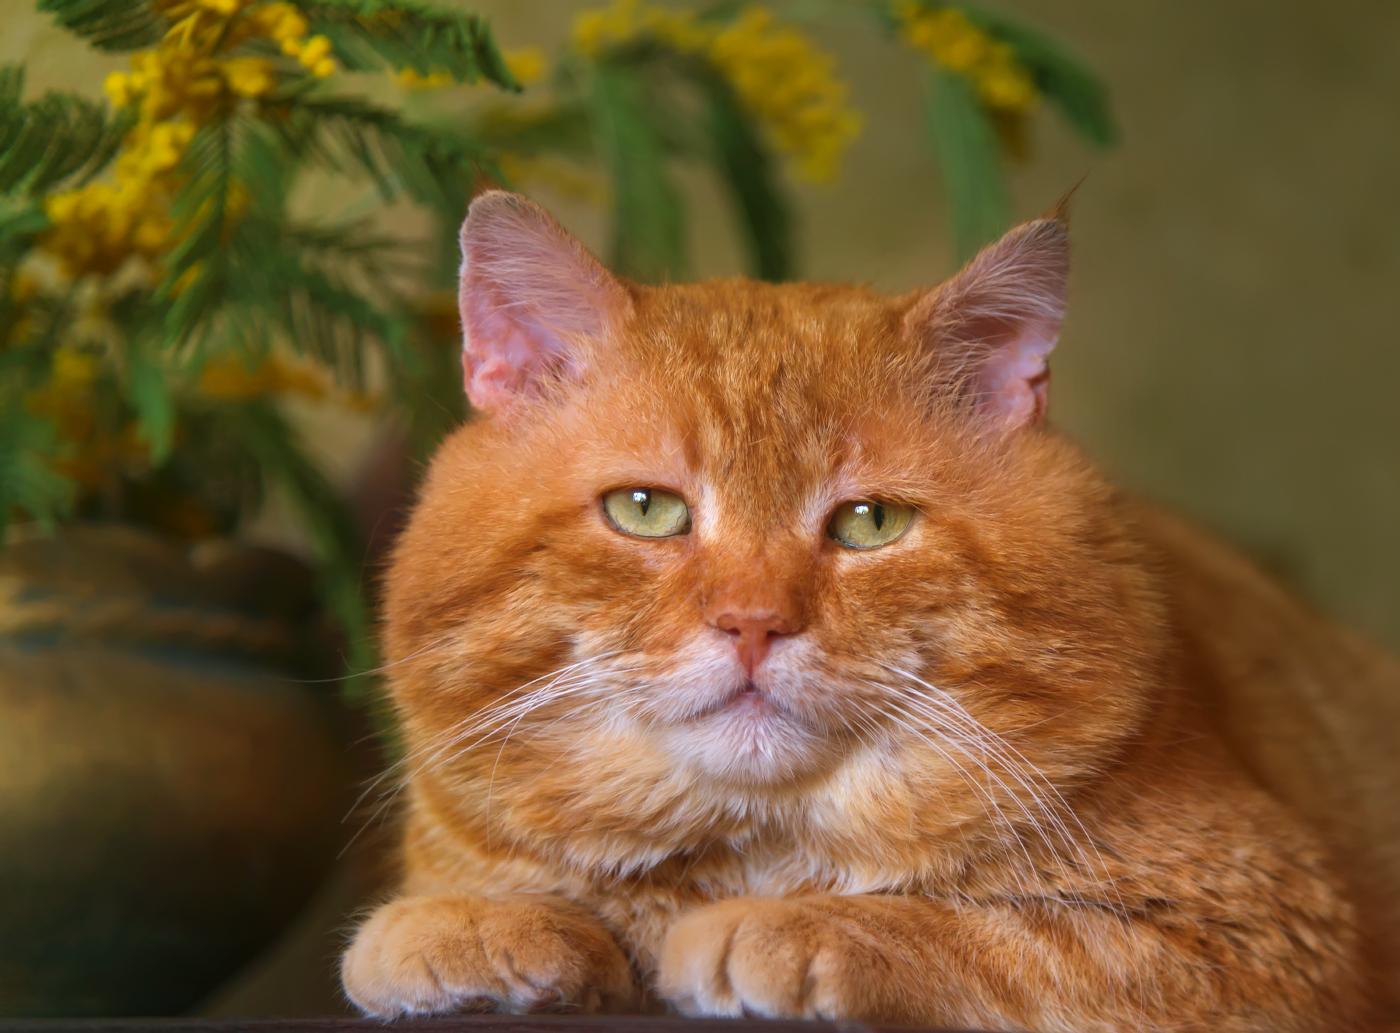 Надписью добрый, картинки коты рыжие смешные